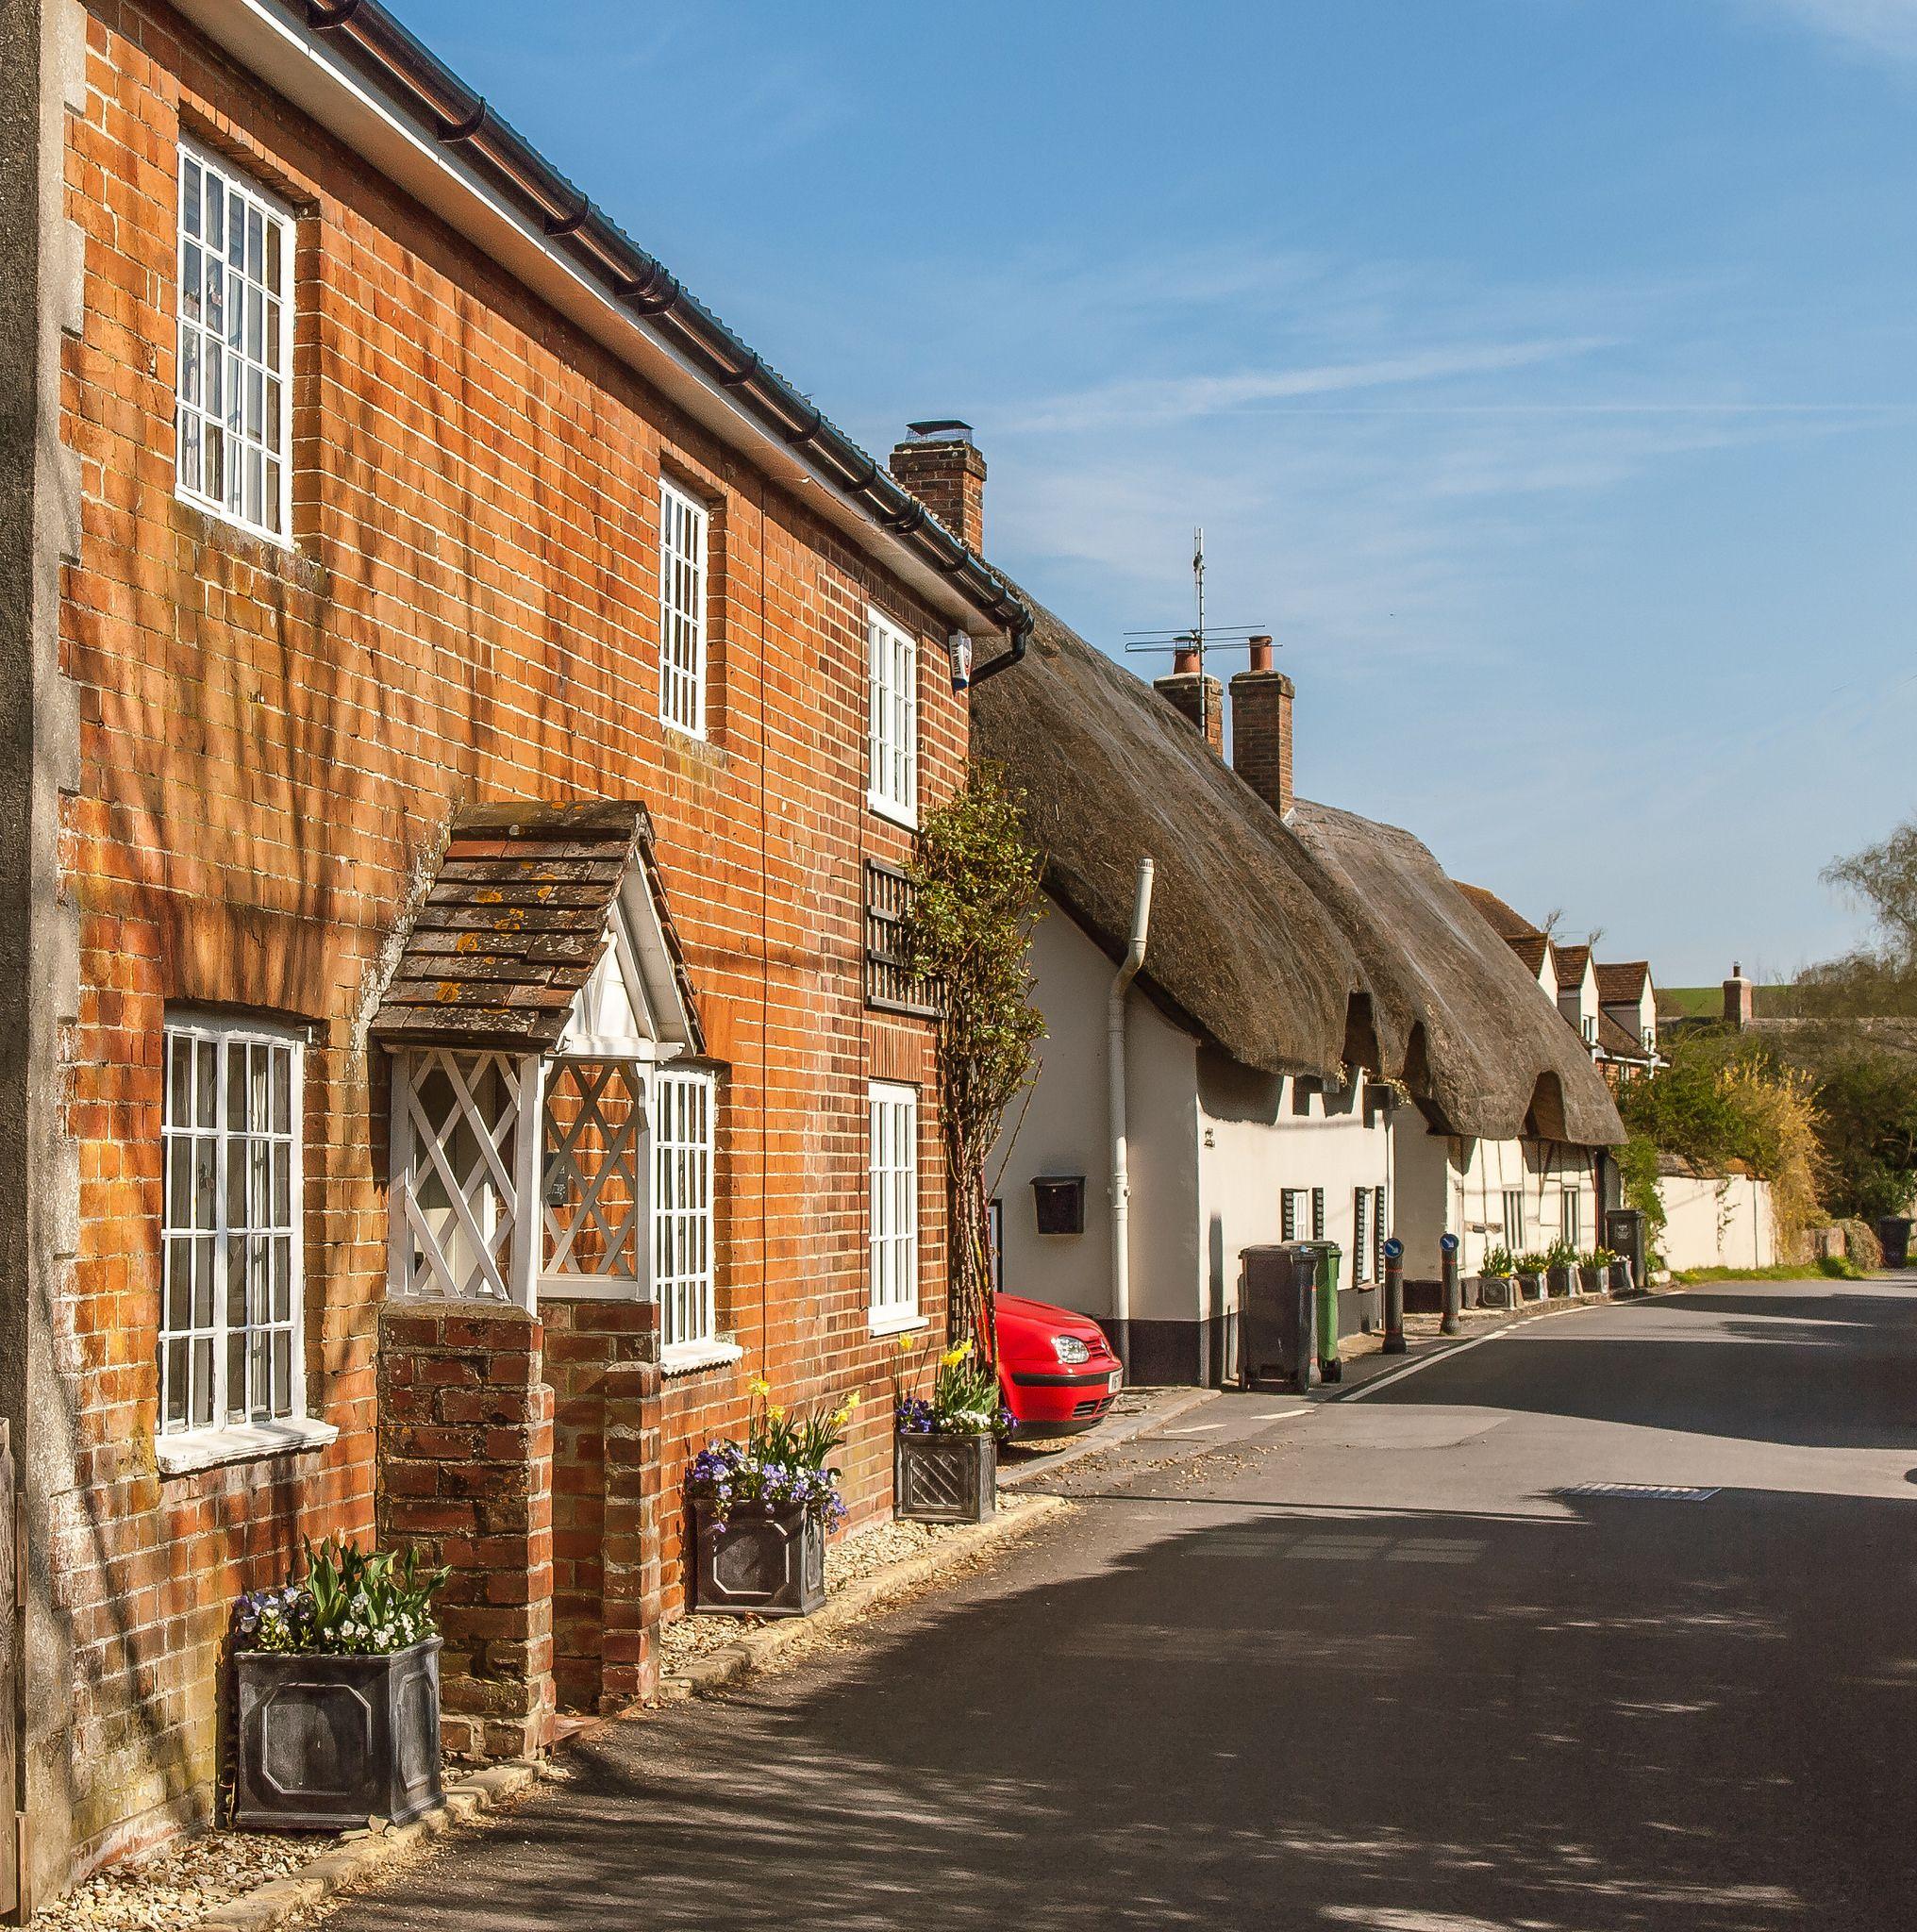 Longstreet village in Wiltshire_ England